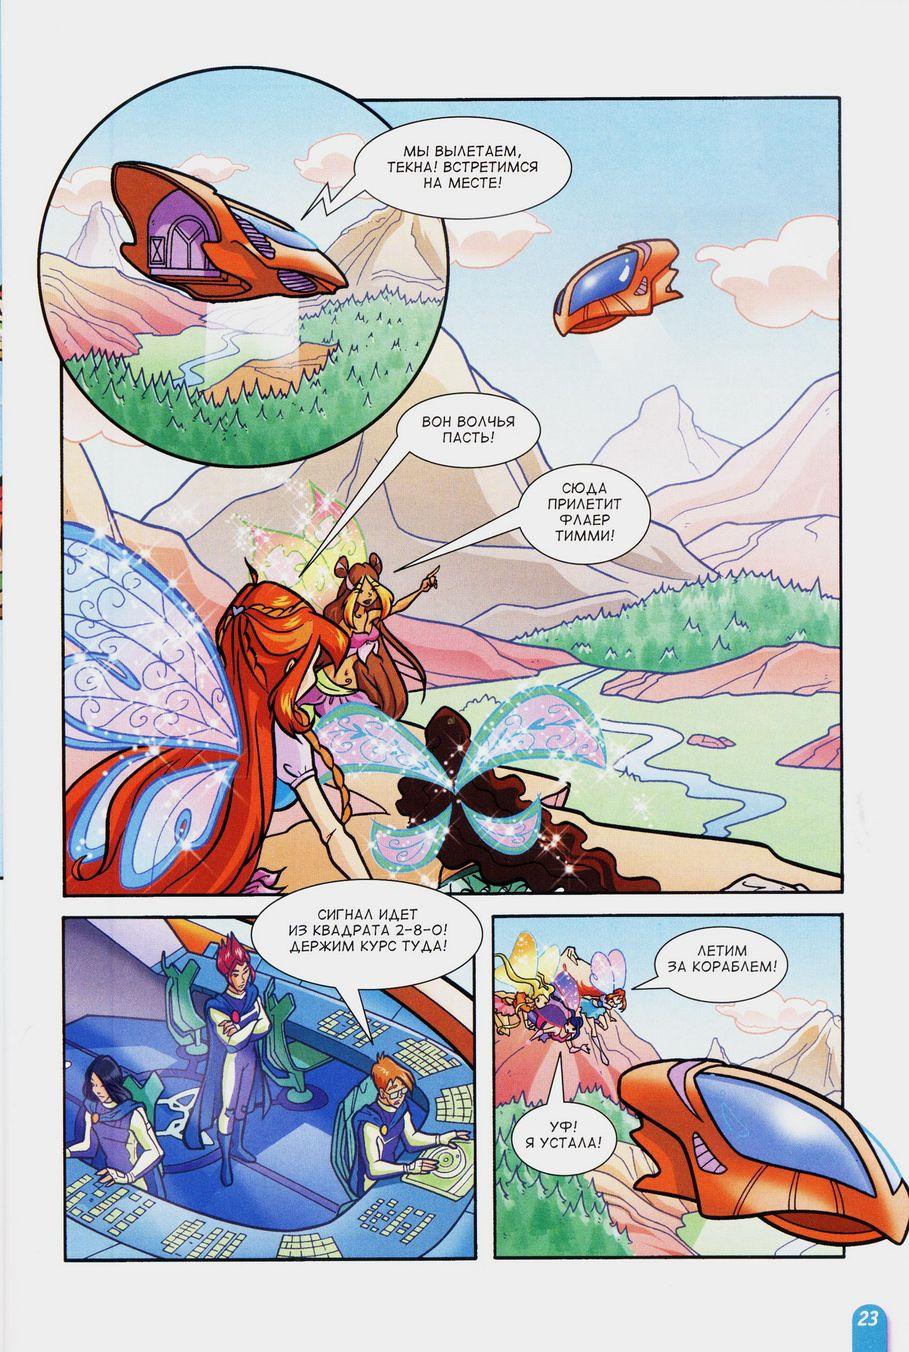 Комикс Винкс Winx - Любовь и долг (Журнал Винкс №2 2011) - стр. 23